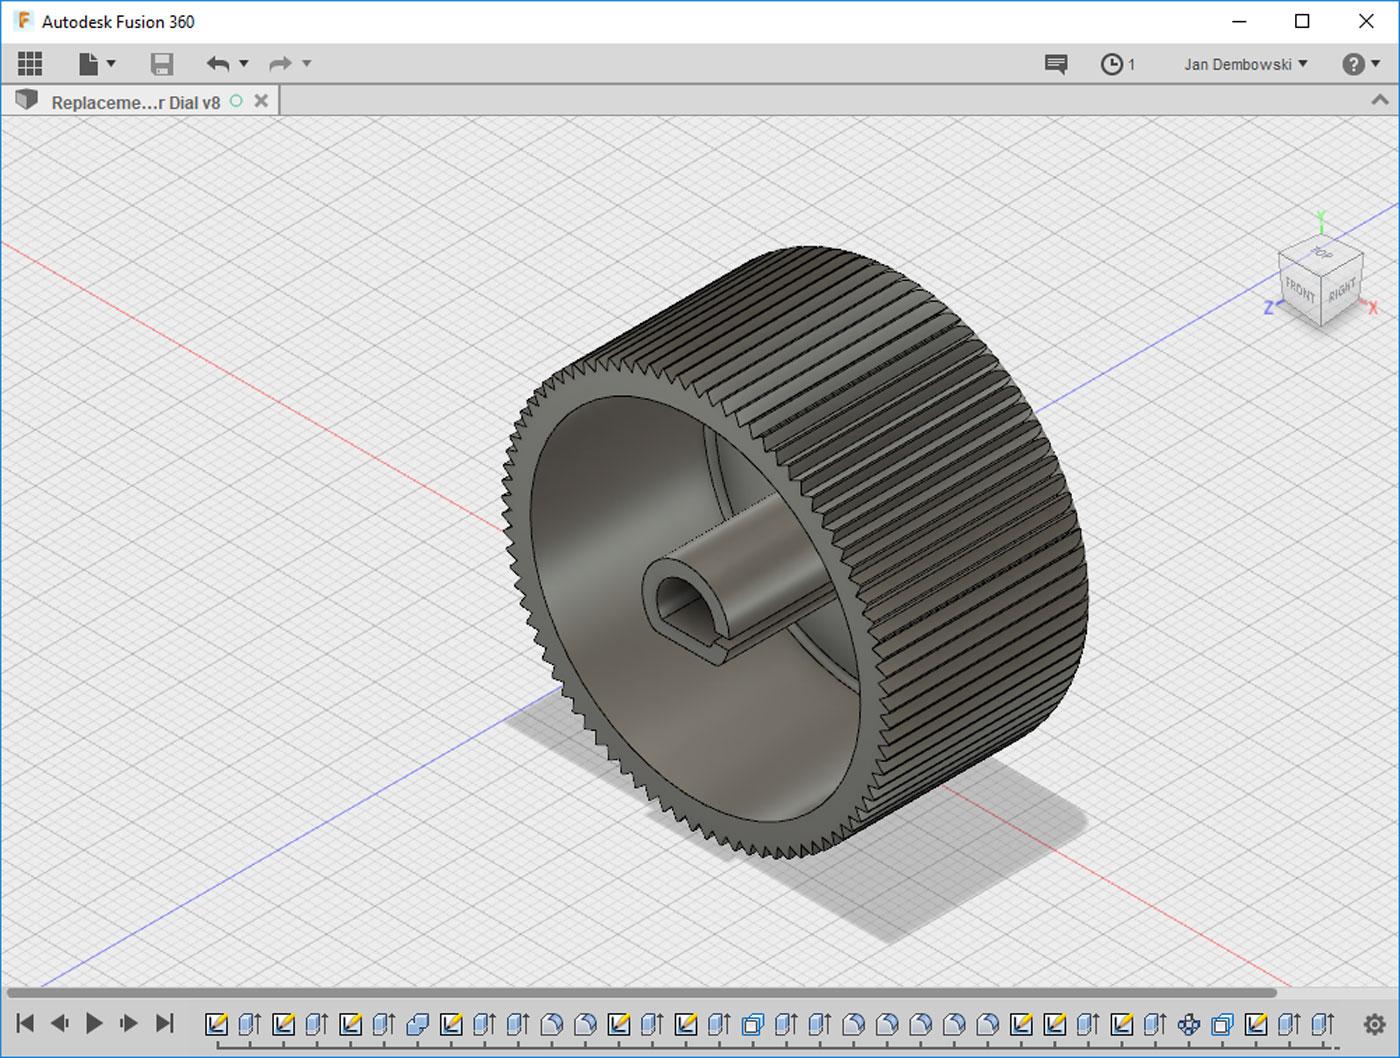 A 3D Printed Dial